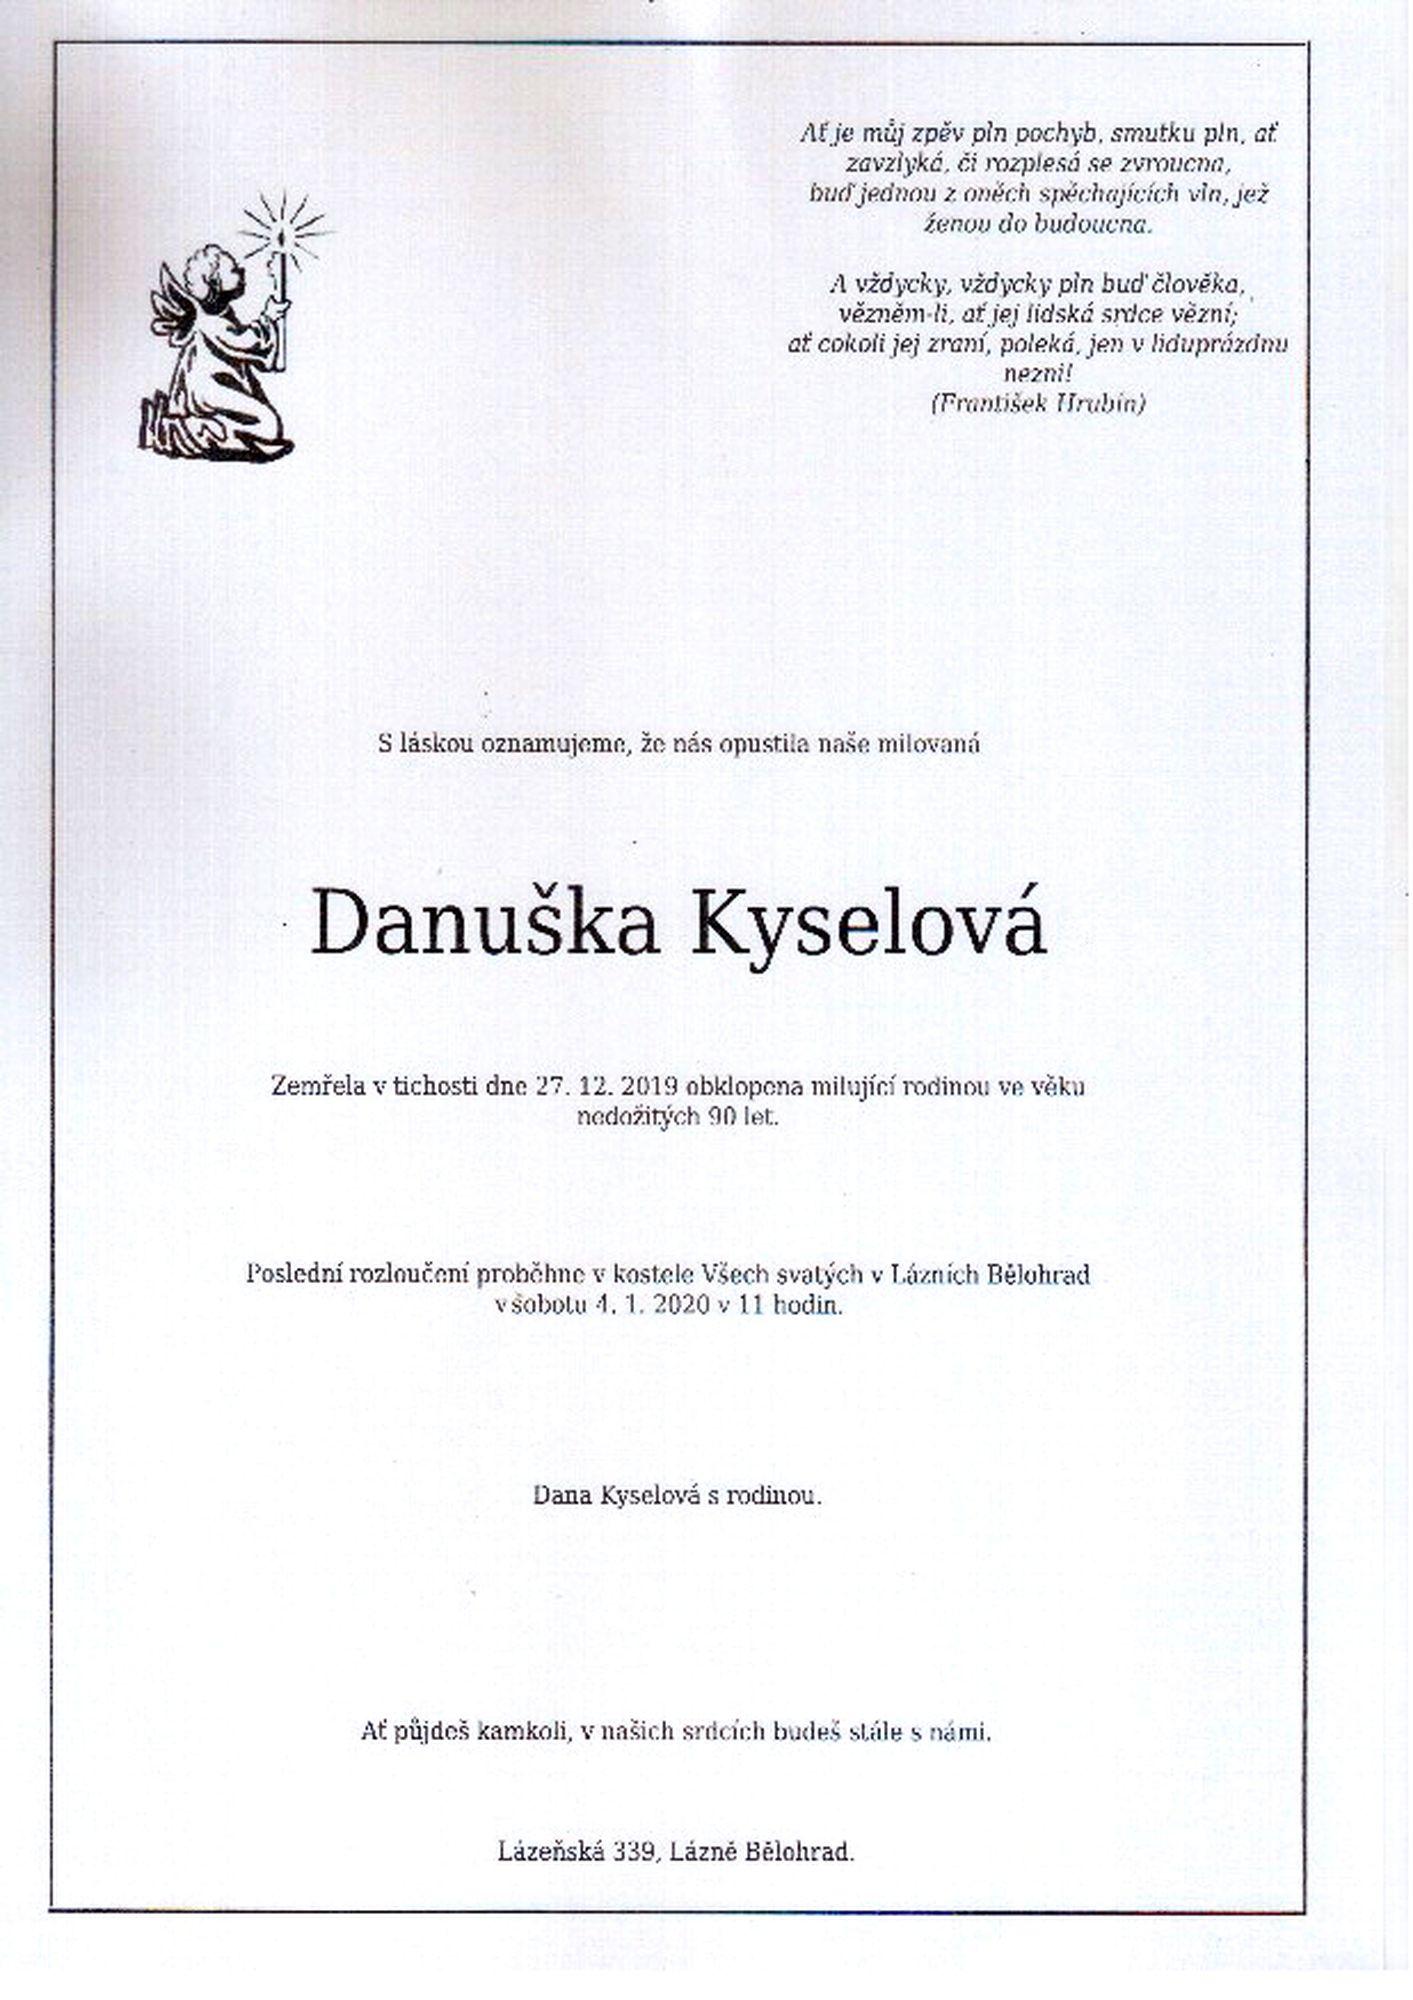 Danuška Kyselová